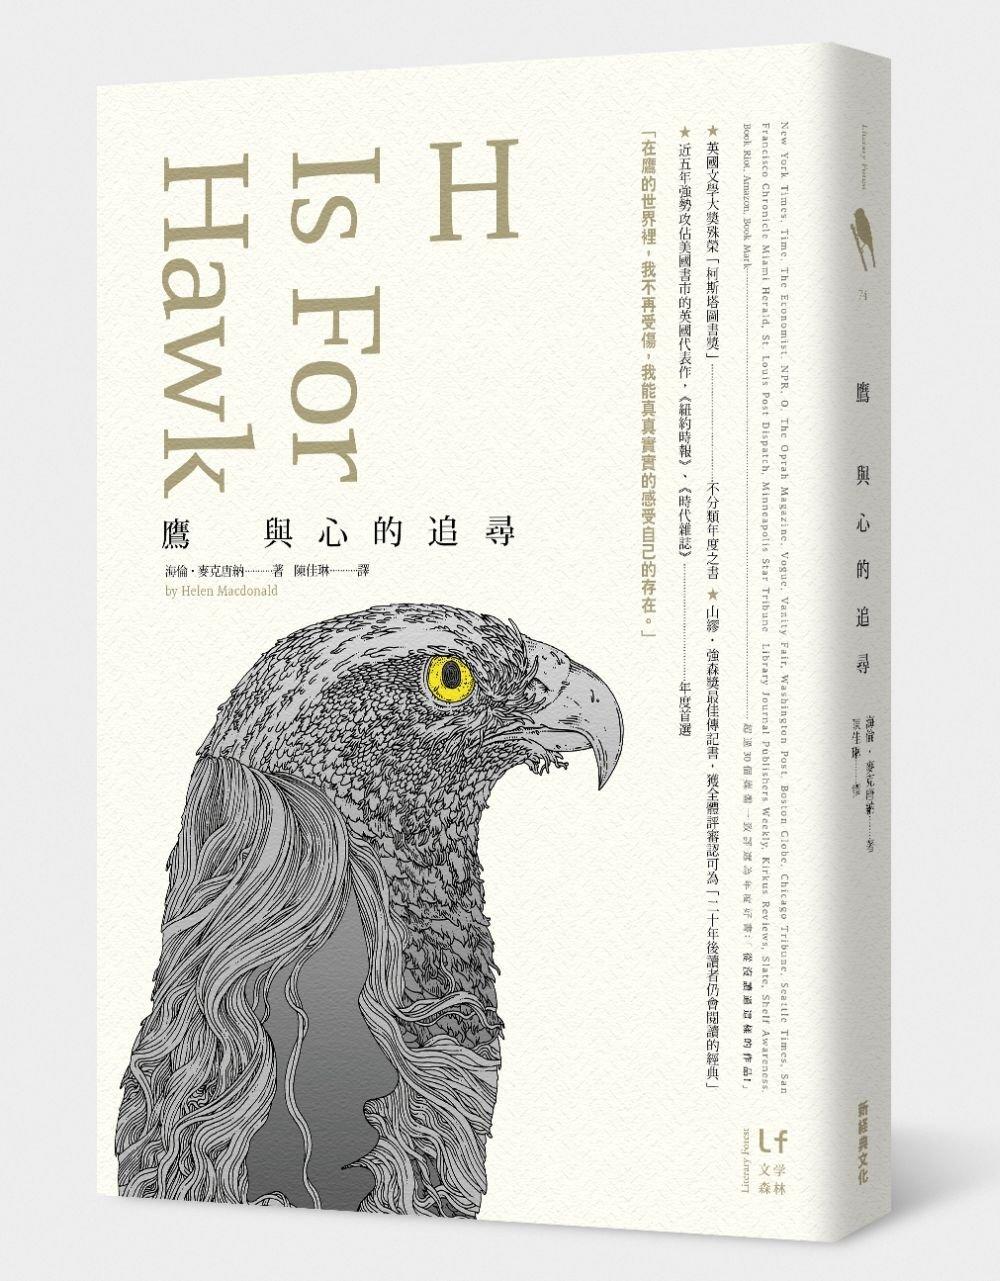 鷹與心的追尋(柯斯塔圖書獎年度之書,一本為渴望離開現實的人所寫的書)